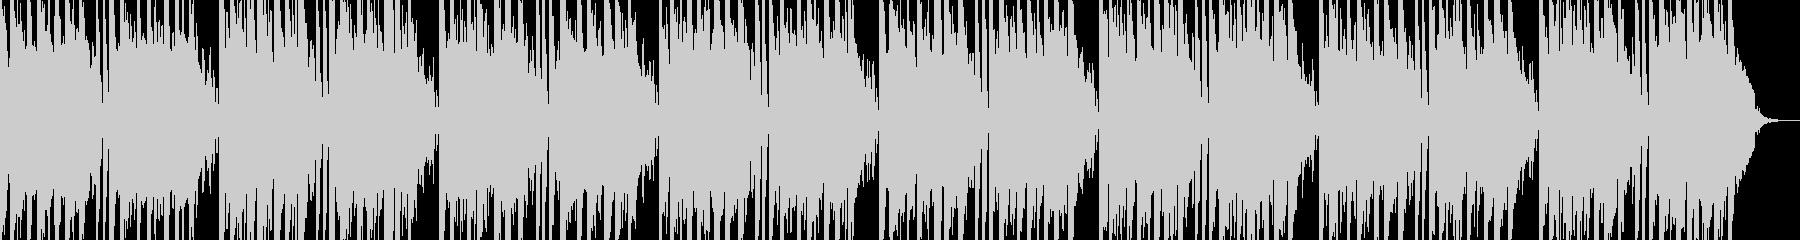 キラキラ感のシンセサイザーBGMの未再生の波形